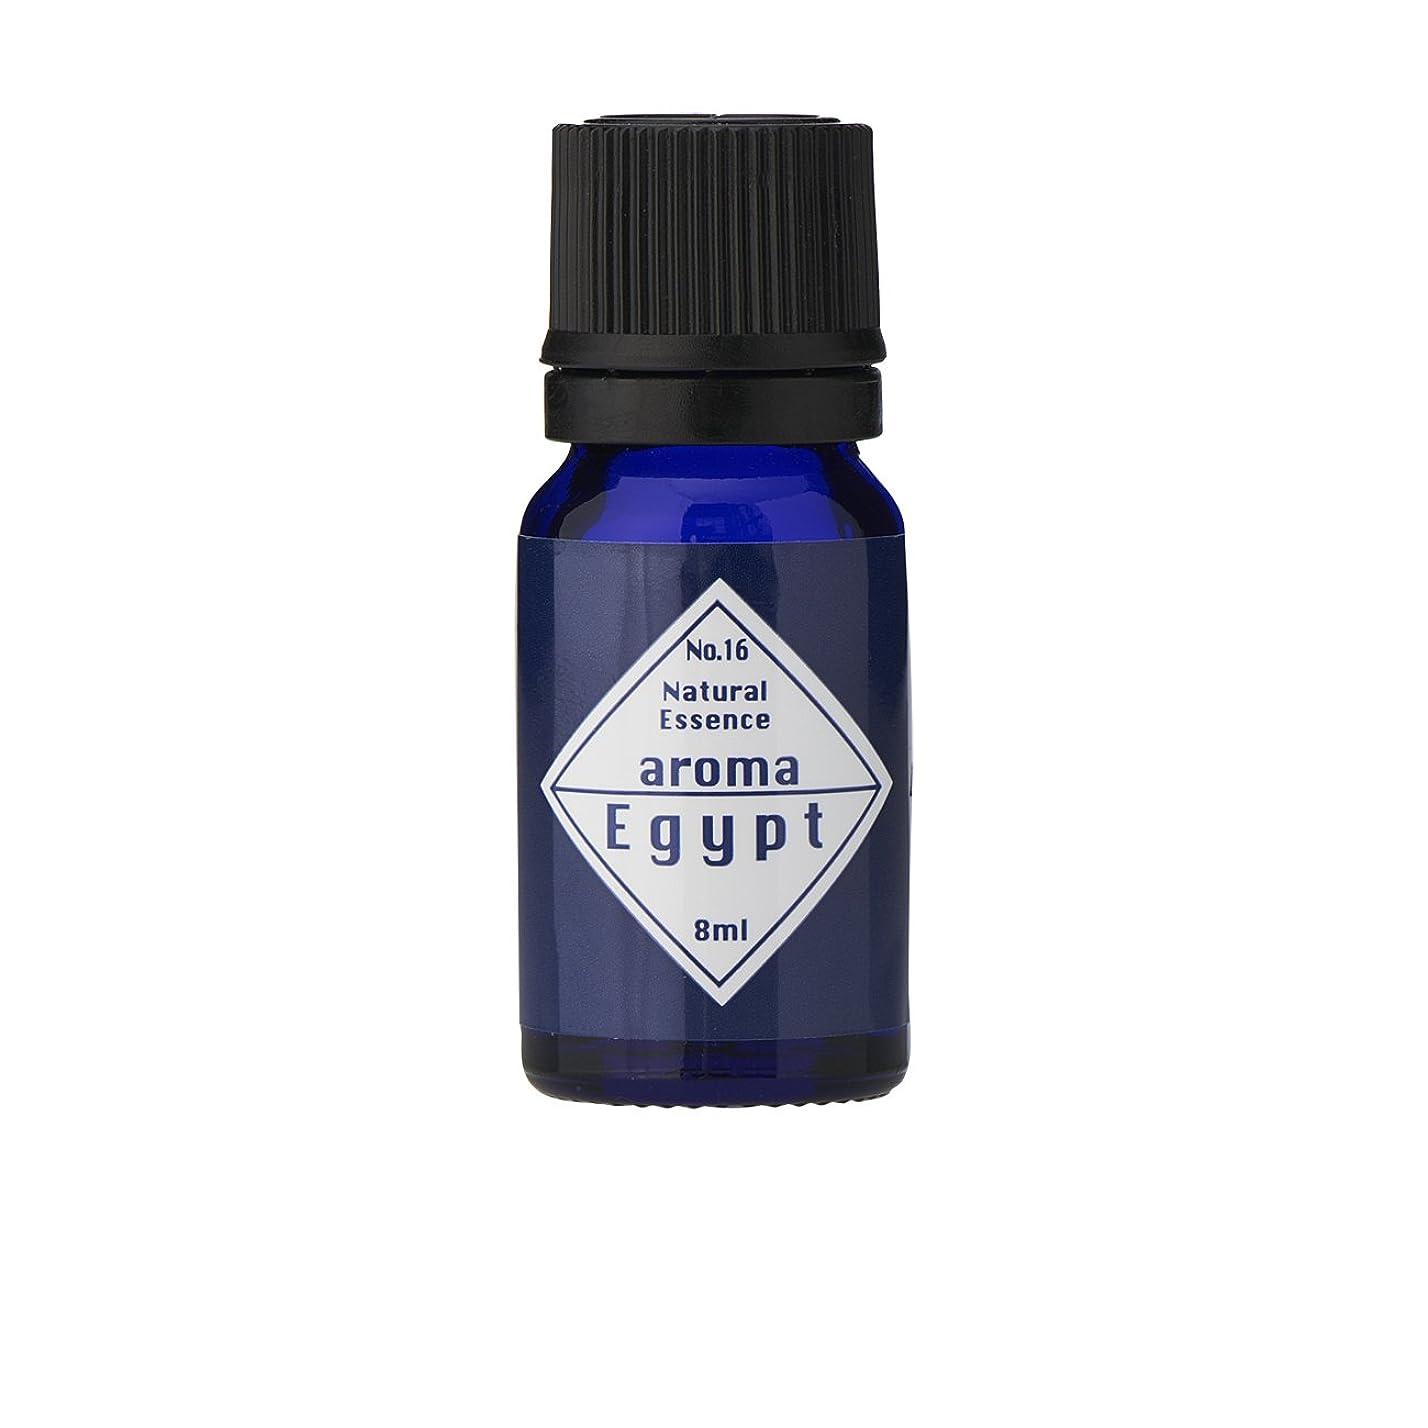 くリファイン膨らませるブルーラベル アロマエッセンス8ml エジプト(アロマオイル 調合香料 芳香用)